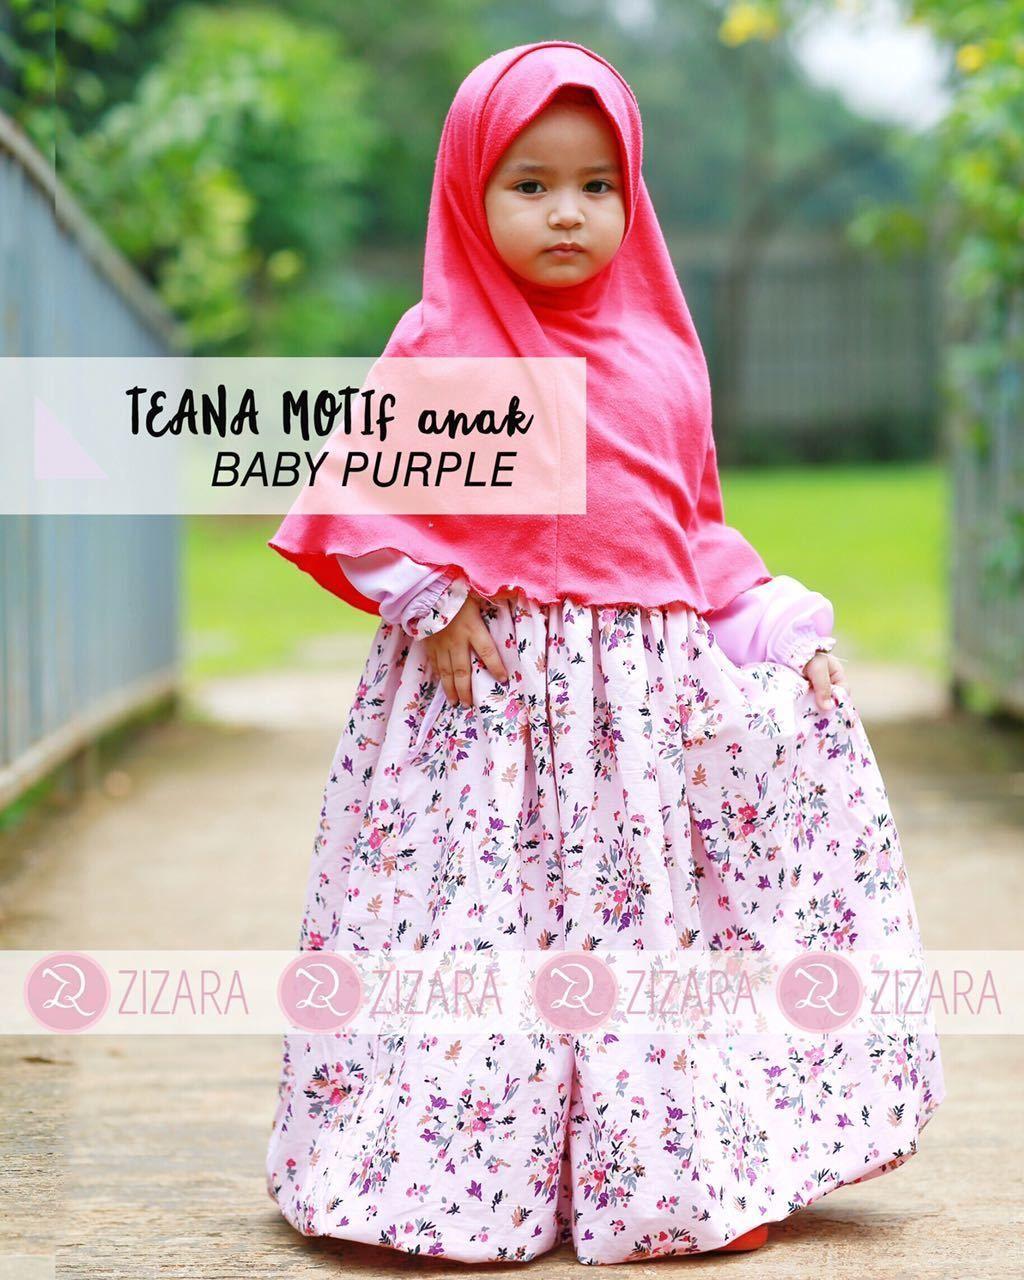 Set Gamis Syari Motif Batik Cantik Grosir Baju Gamis Terbaru